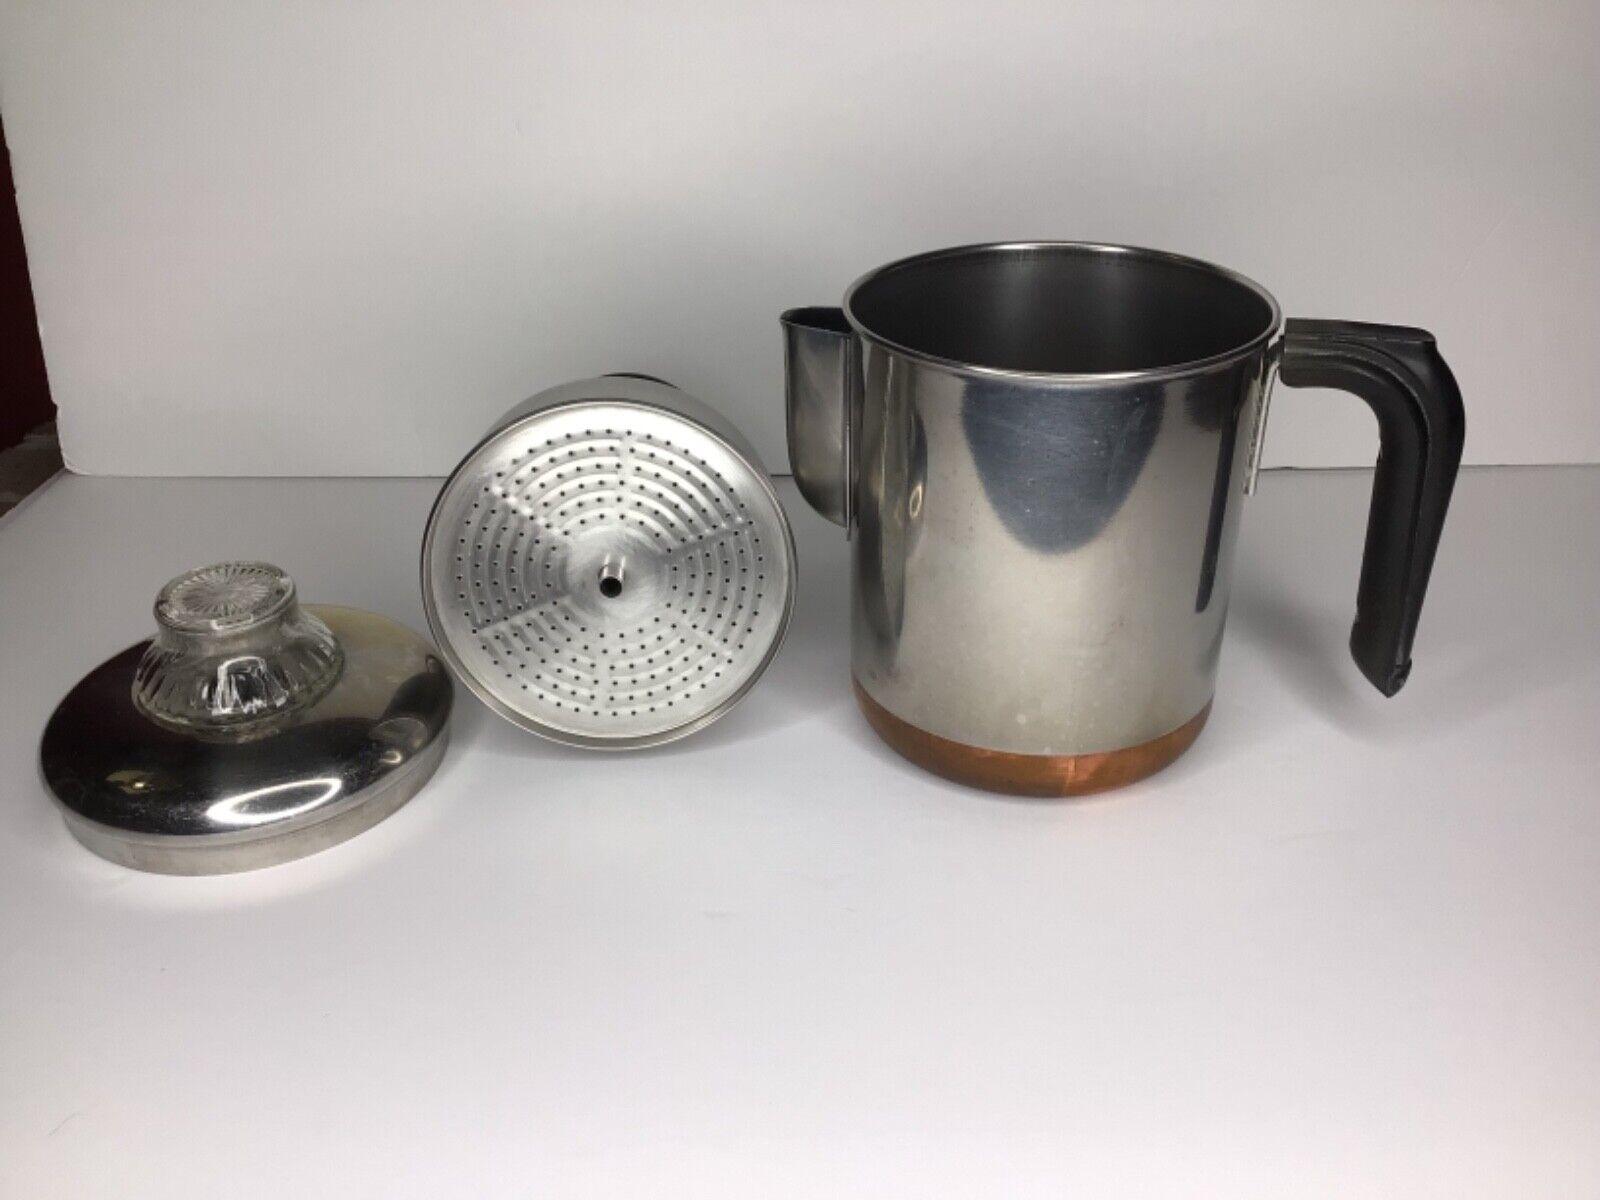 Complete REVERE WARE Coffee Pot 6 Cup Percolator Stove Top C